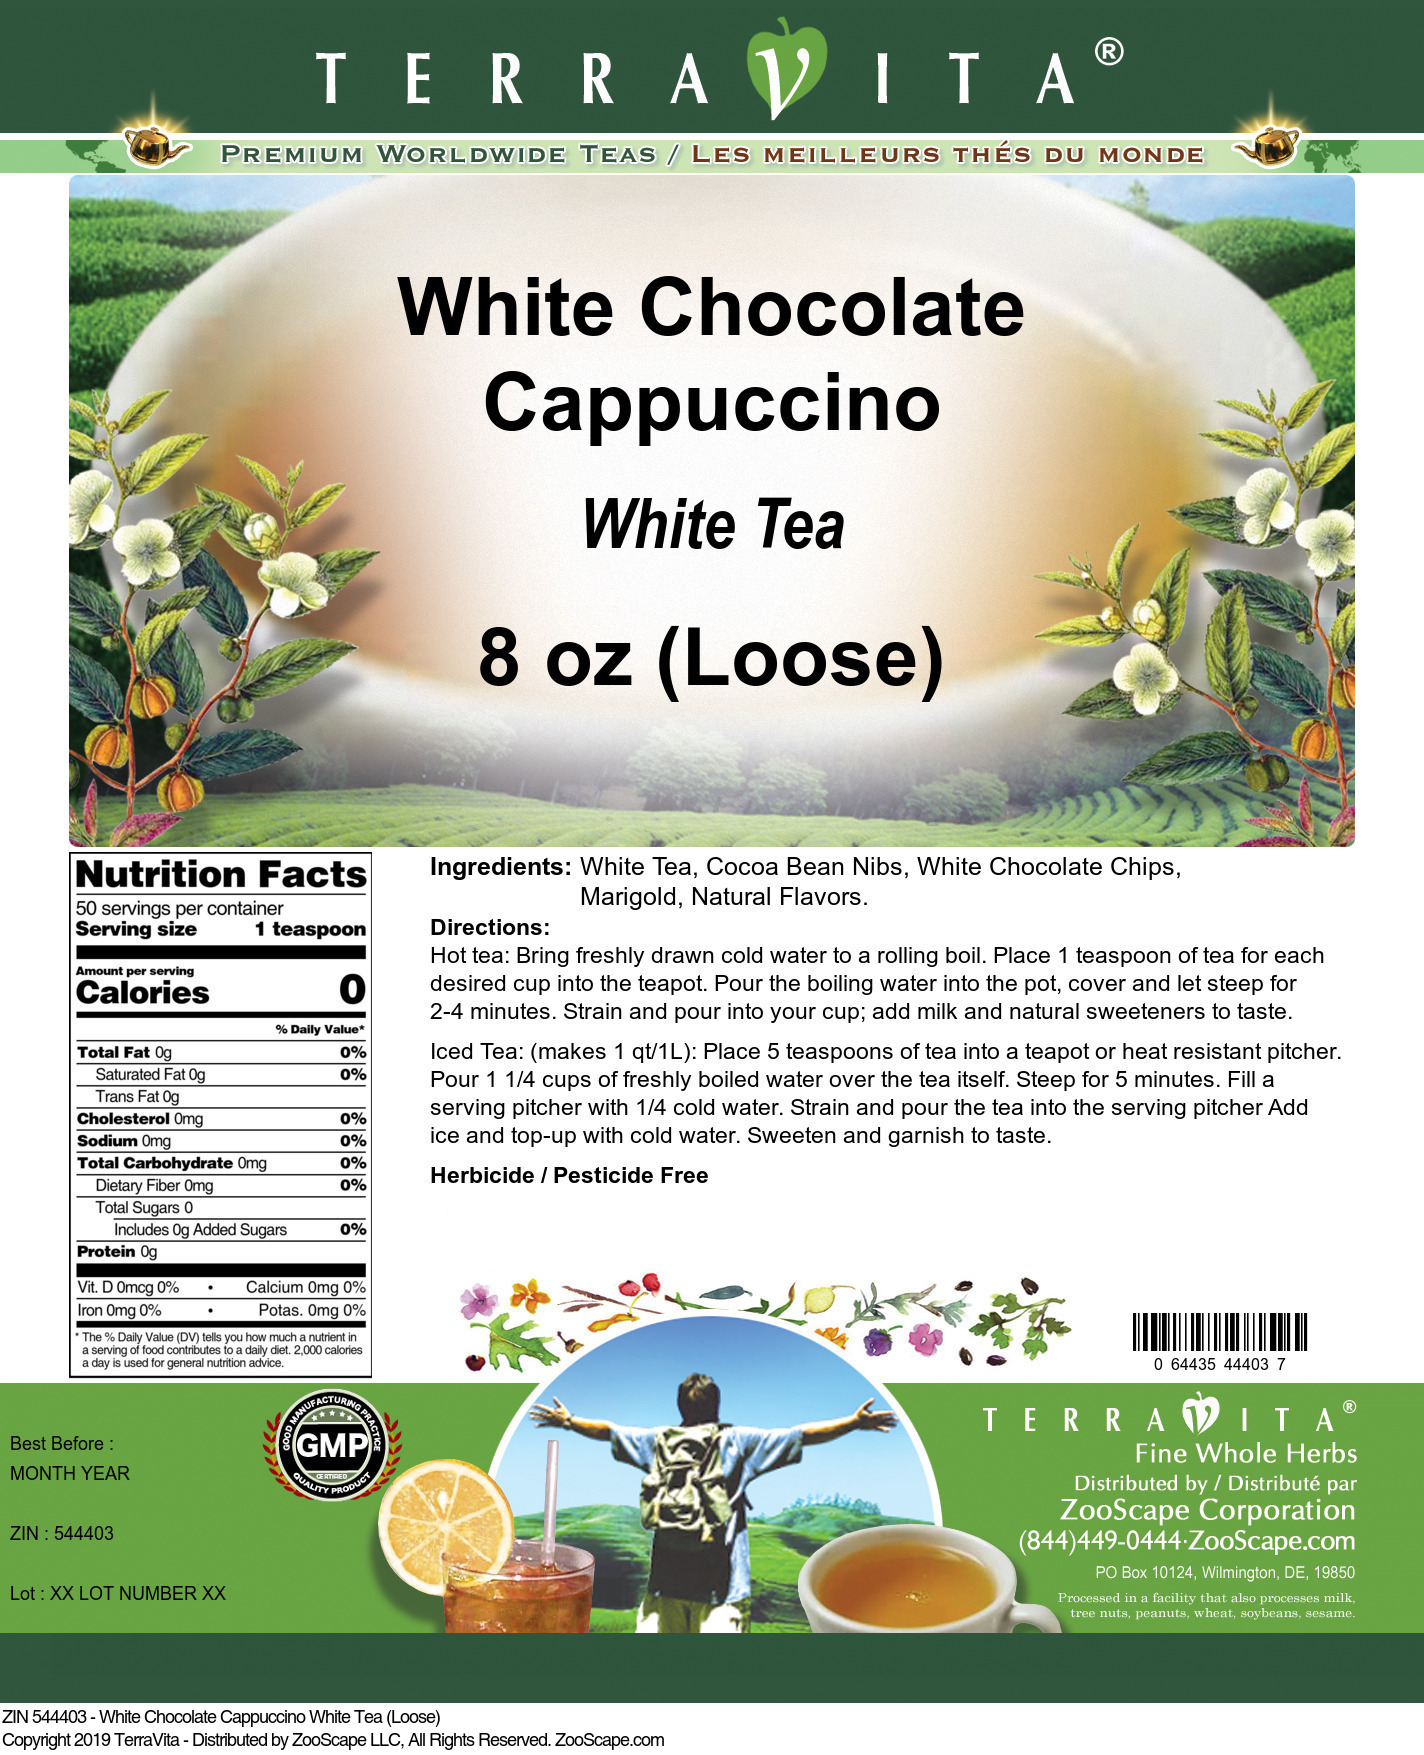 White Chocolate Cappuccino White Tea (Loose)